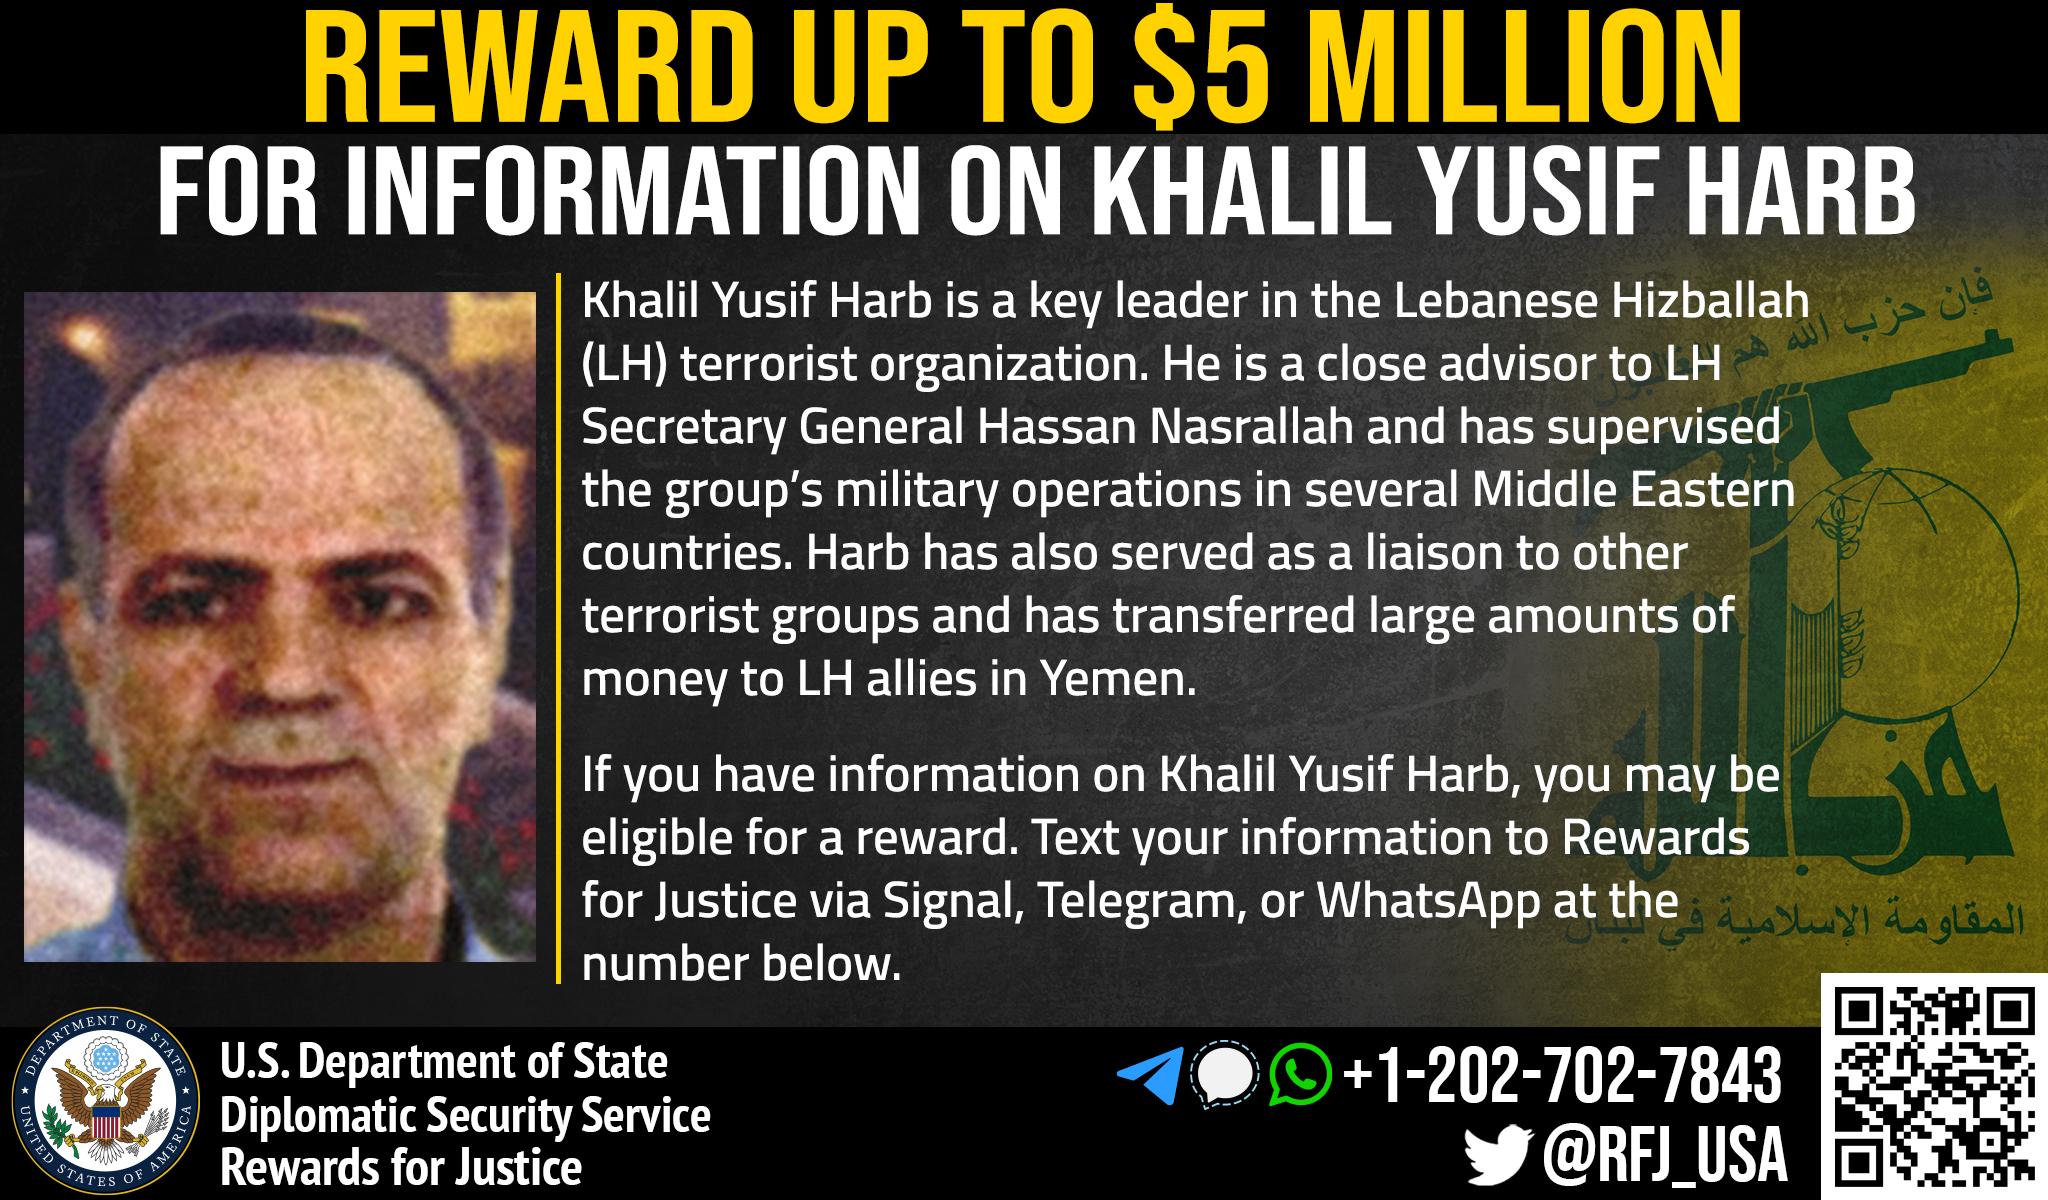 """الولايات المتحدة ترصد 5 ملايين دولار لمن يساعد في القبض على القيادي في """"حزب الله اللبناني"""" خليل يوسف حرب، موقع برنامج مكافآت وزارة الخارجية الأميركية للعدالة على """"تويتر""""، 2021."""